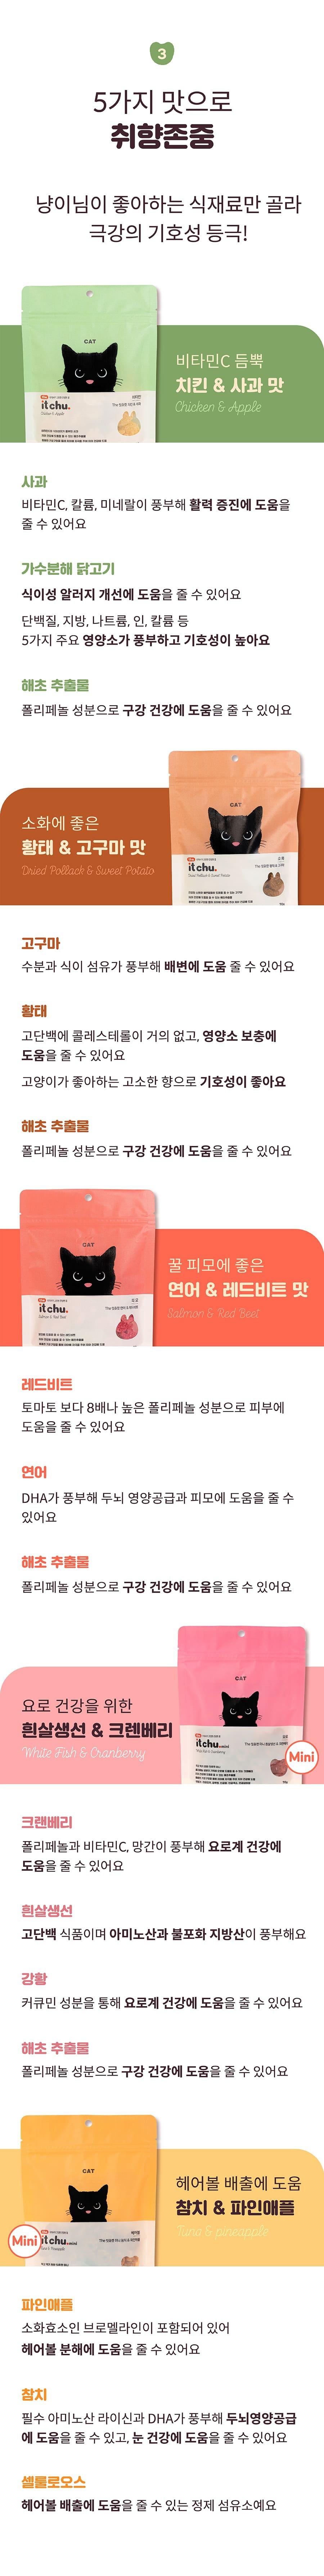 it 더 잇츄 캣 핑퐁 파티믹스 팩-상품이미지-18